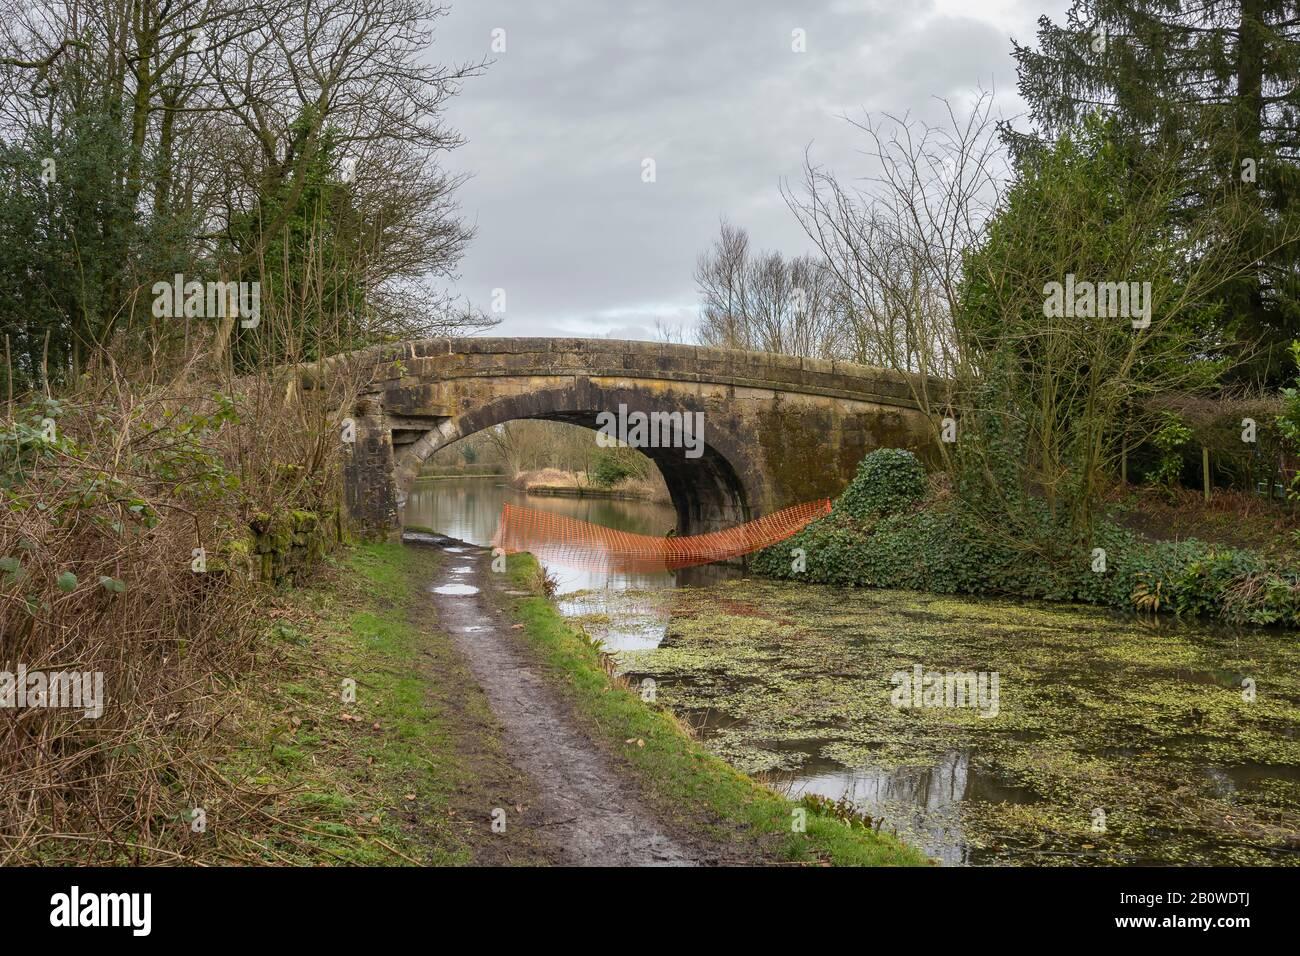 El canal de Leeds y Liverpool (línea principal - Wigan a Leeds) es un canal amplio y forma parte del canal de Leeds y Liverpool Foto de stock